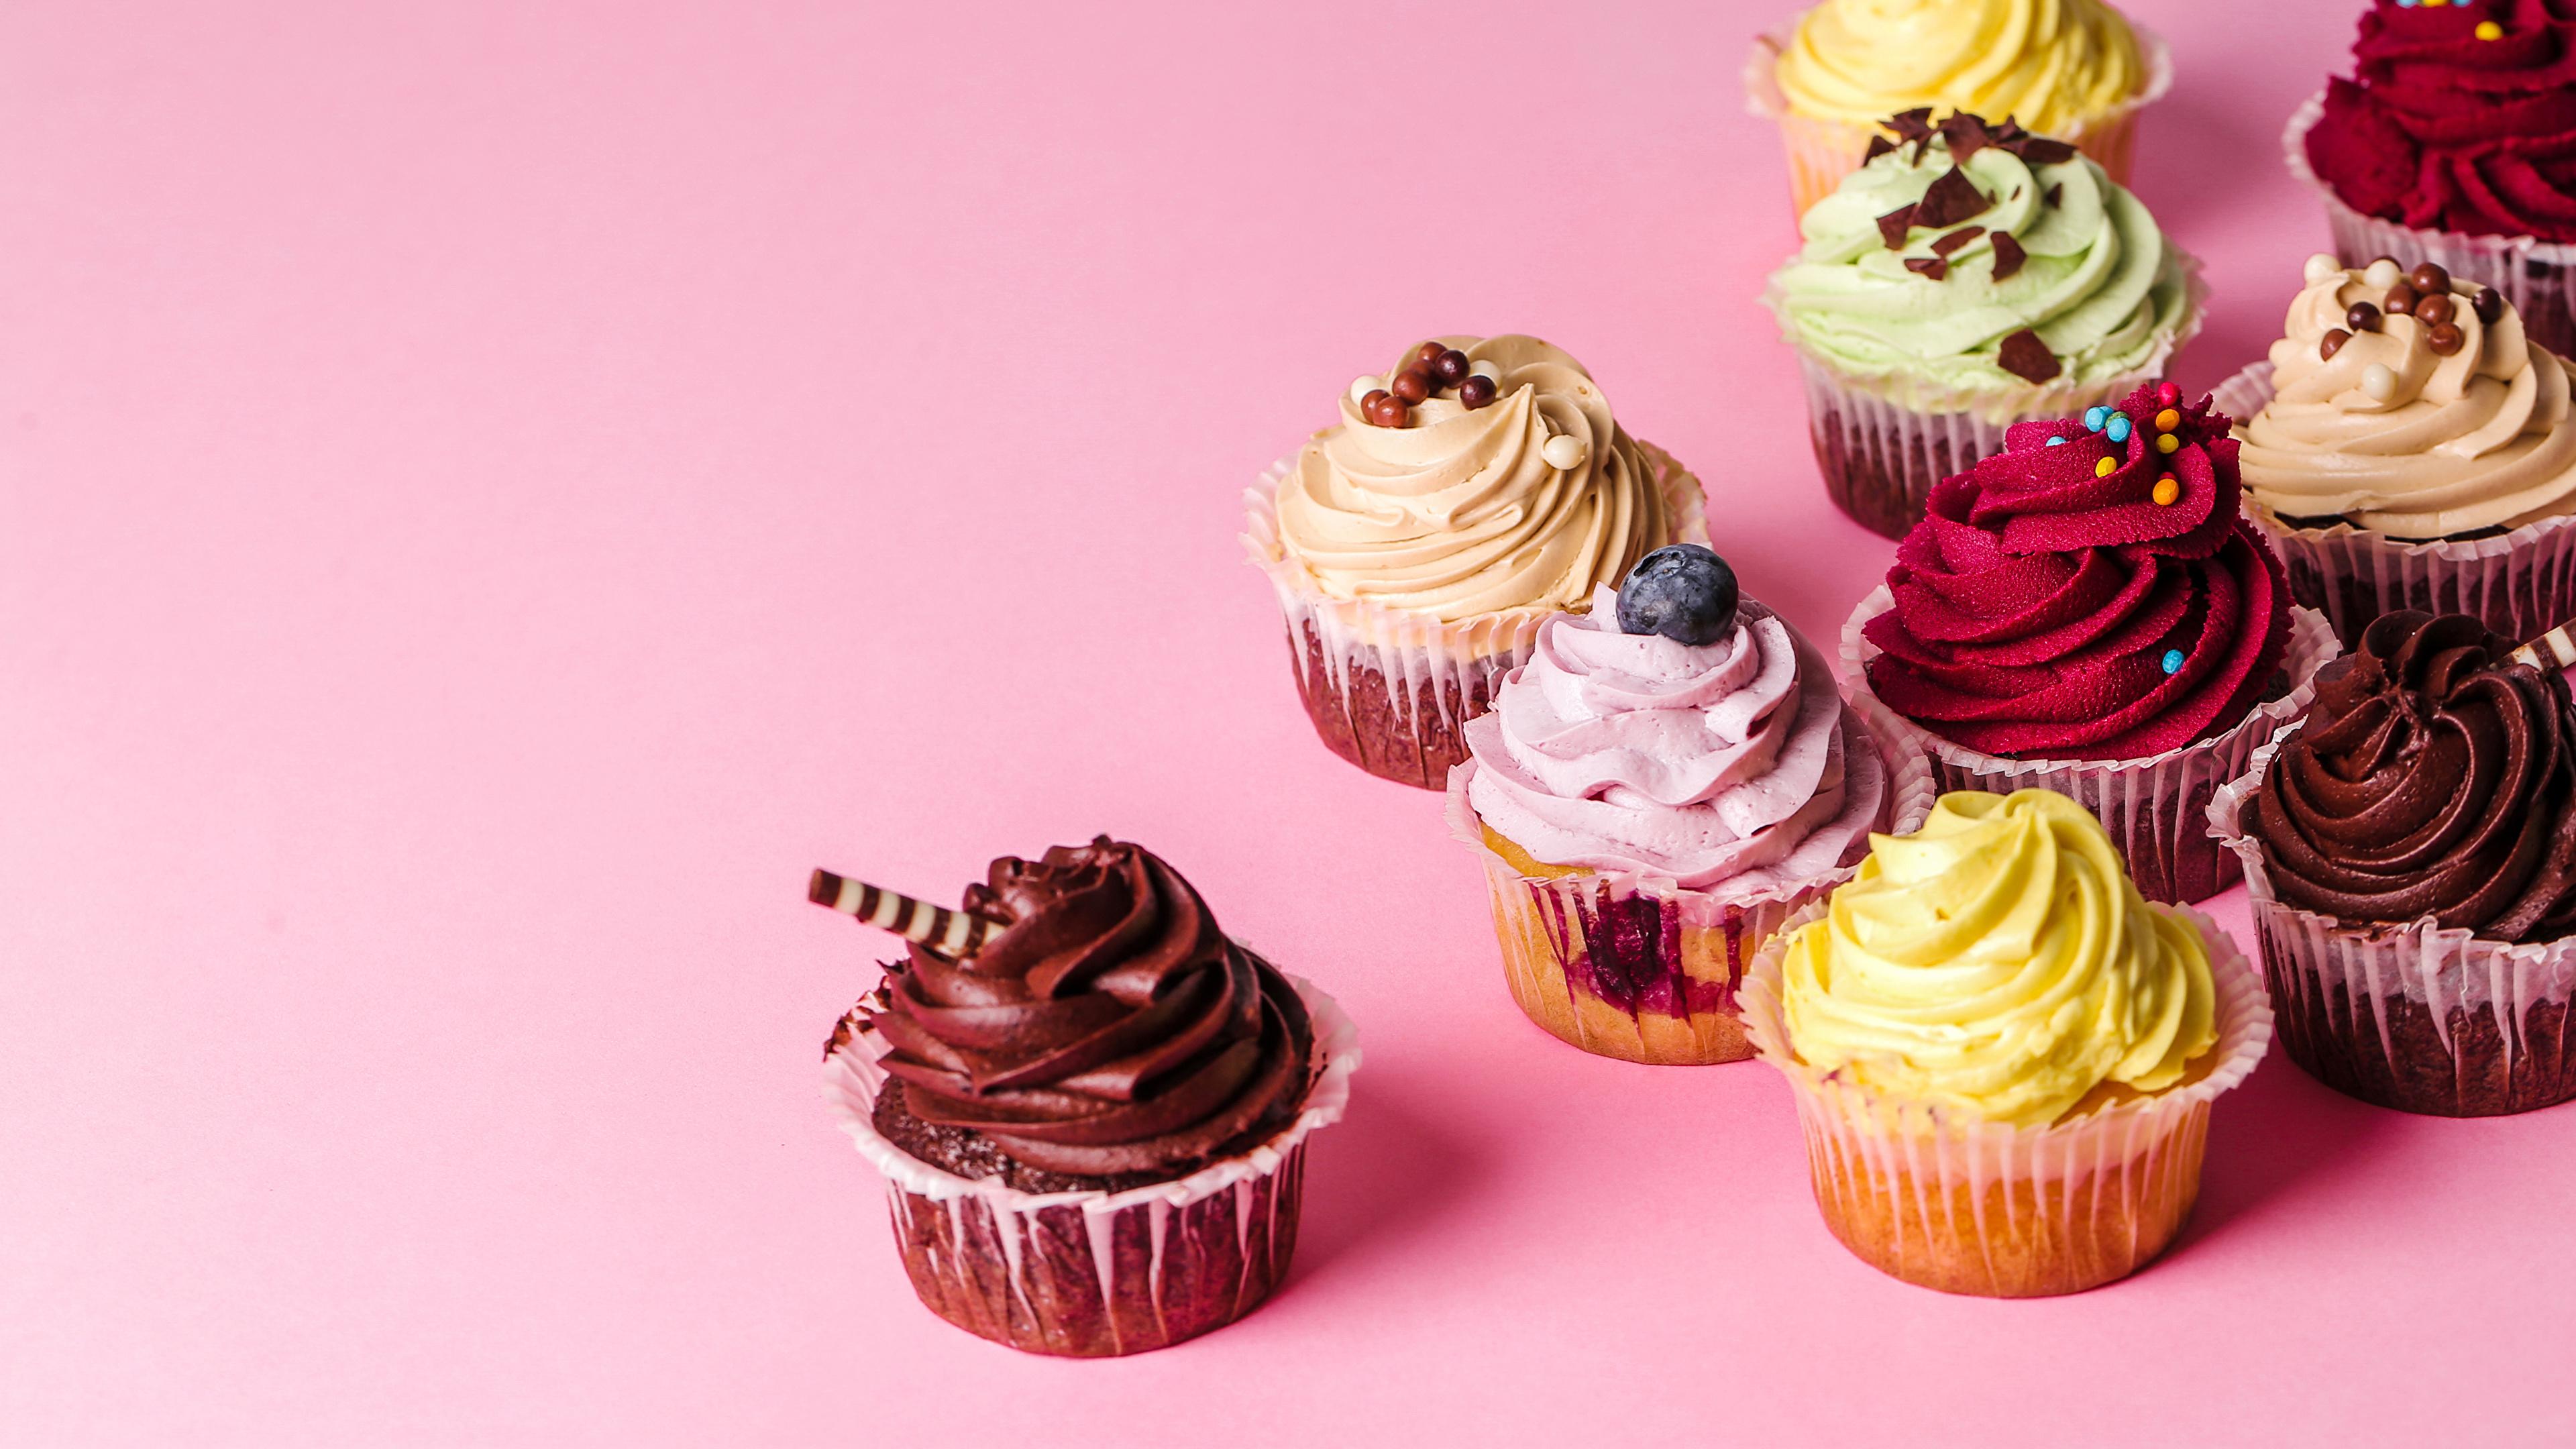 Bilder von Mehrfarbige Lebensmittel Törtchen Design Farbigen hintergrund 3840x2160 Bunte das Essen